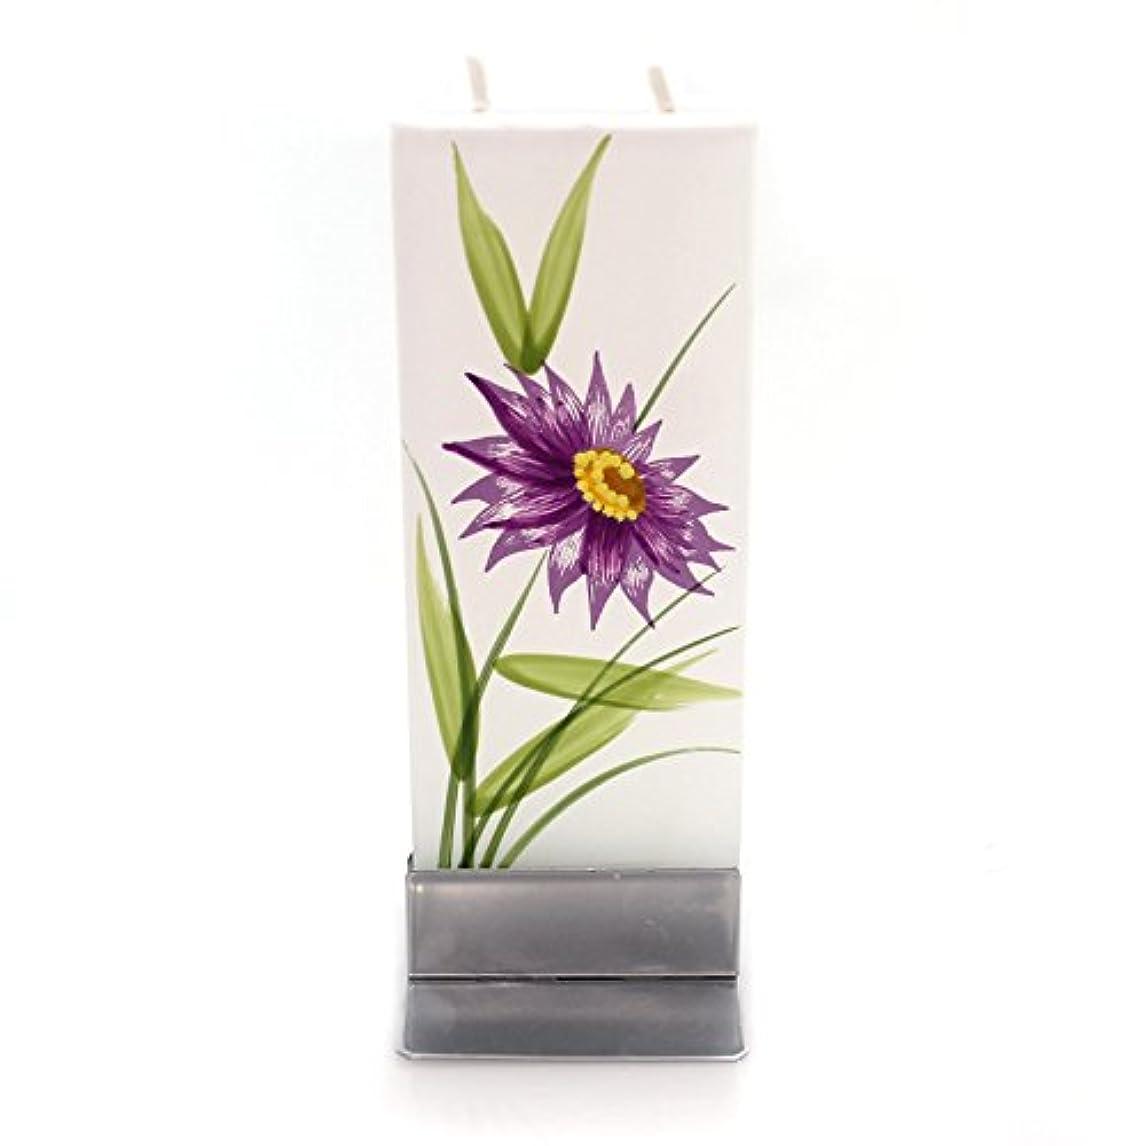 株式会社テクスチャー失業者ホームデコレーションパープル花W /イエローCentre Dripless Fragrance Free Candle f1640